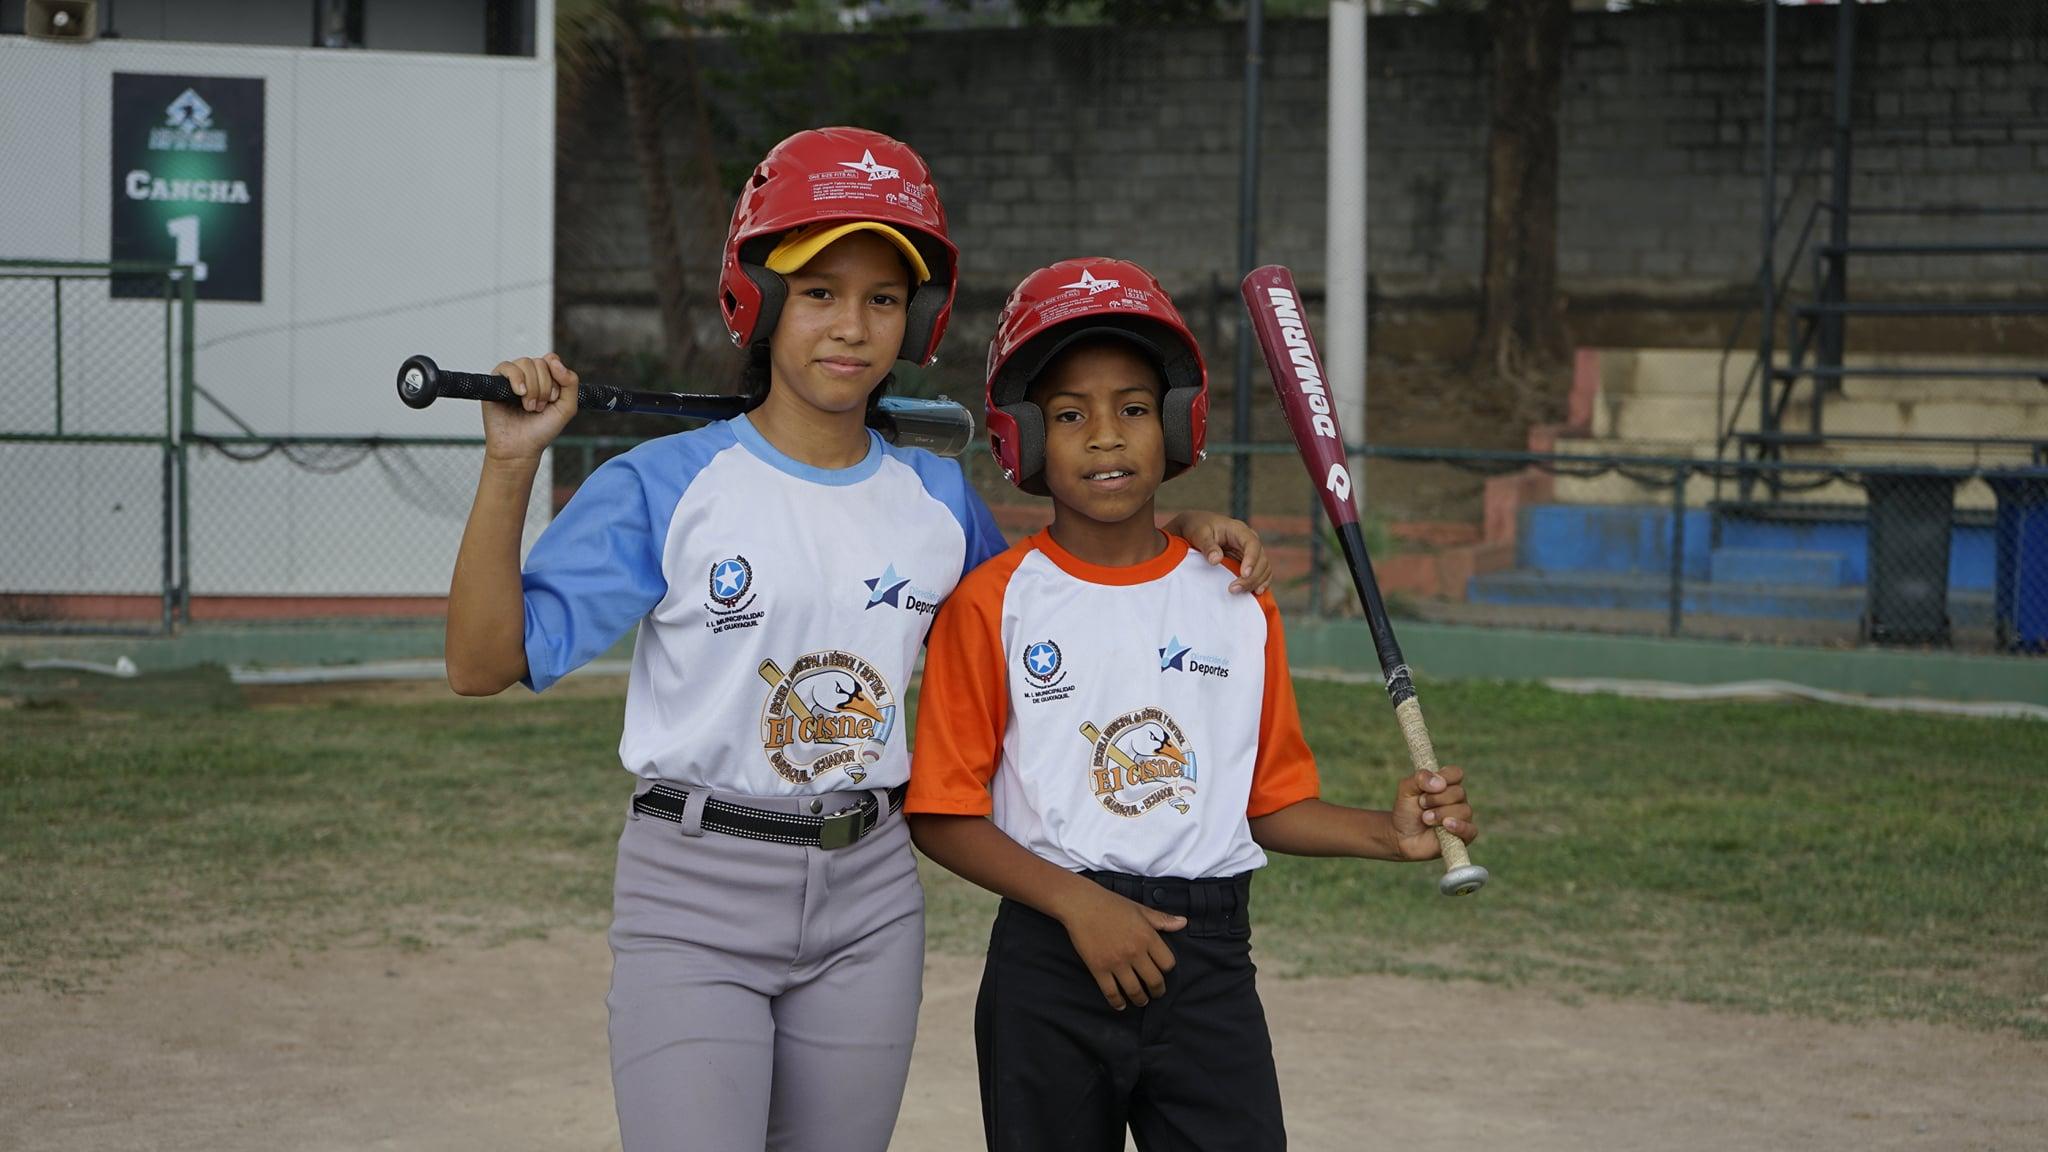 cursos gratuitos de béisbol